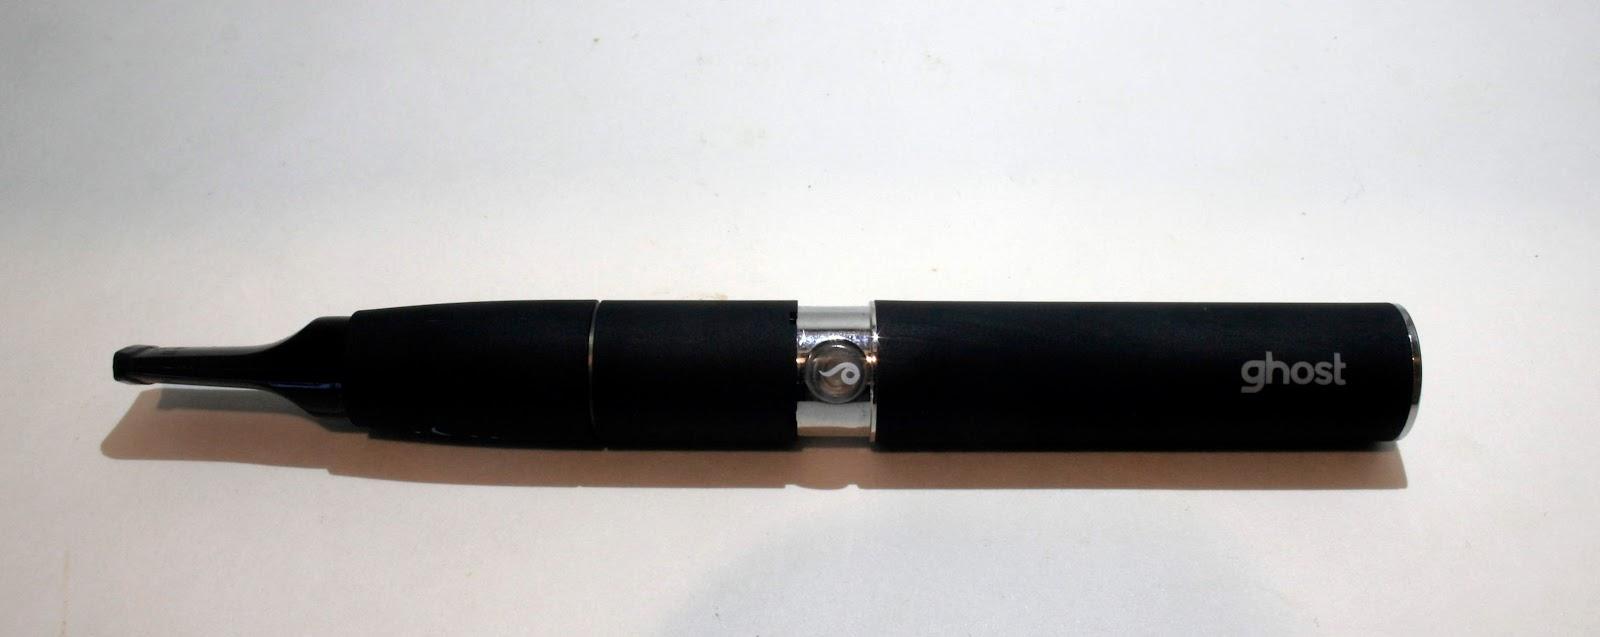 Ghost Pen.JPG